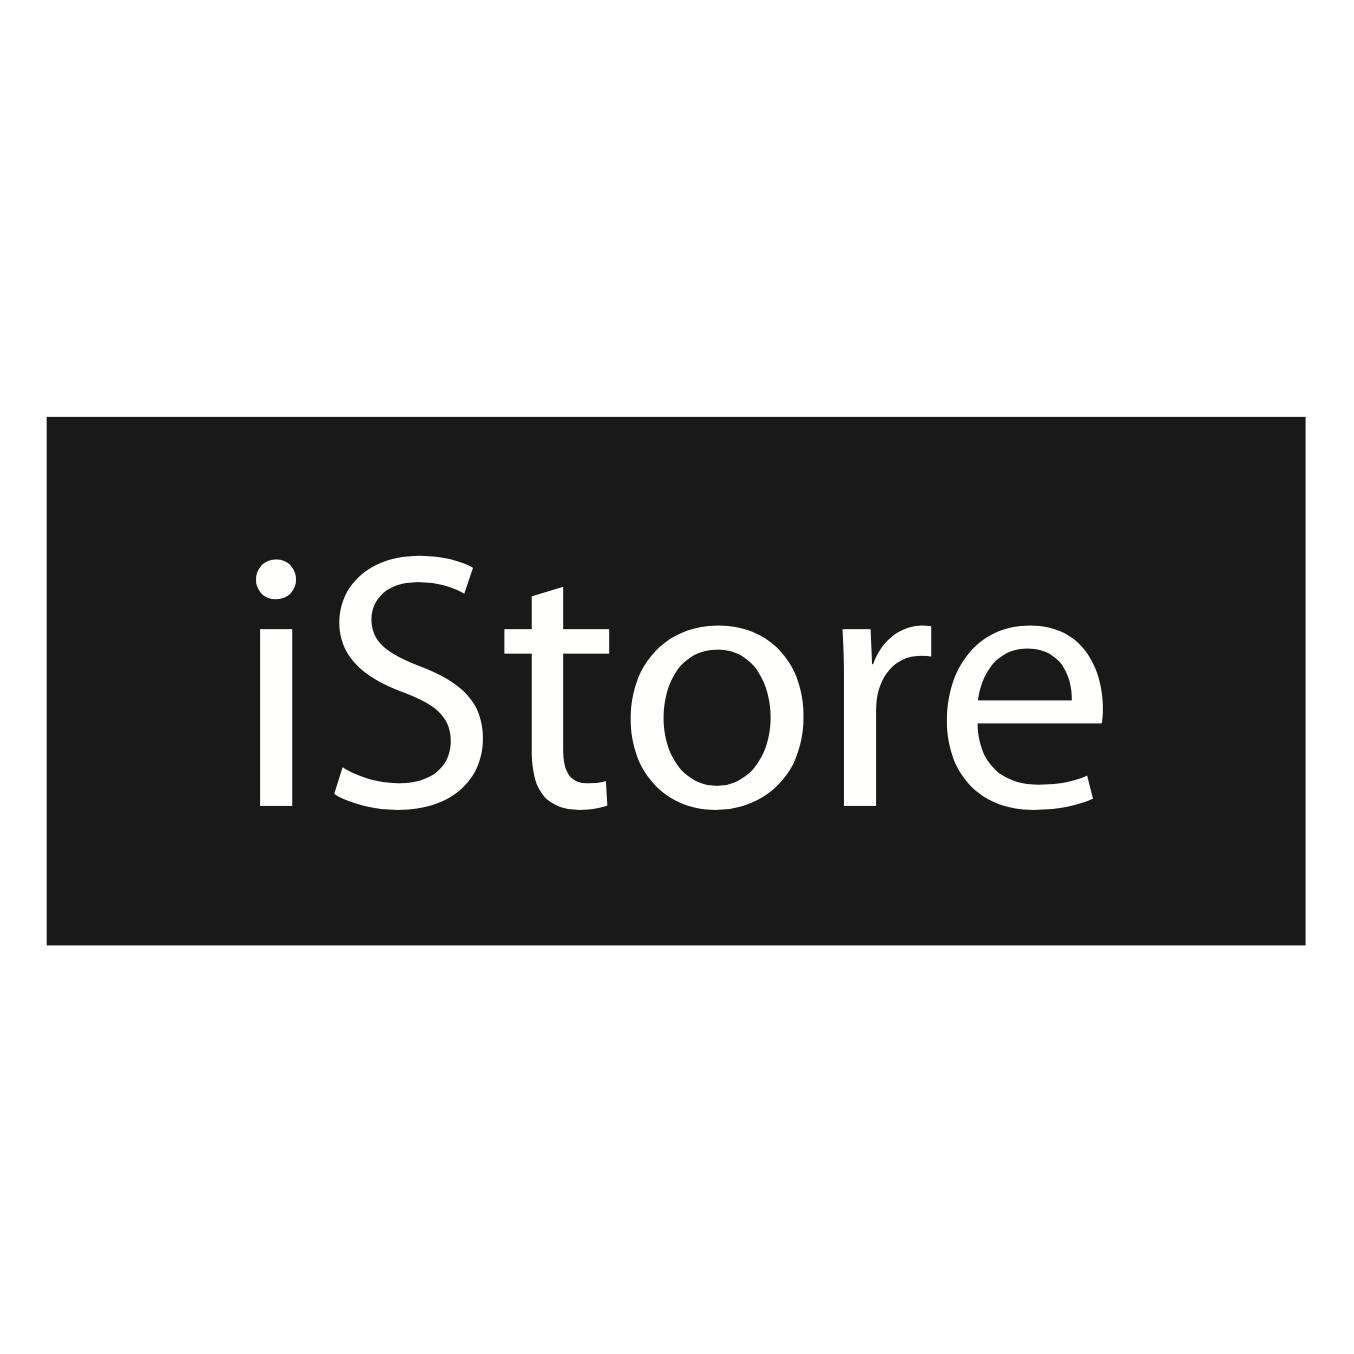 Incipio Edge Crome for iPhone 7 Plus - Black